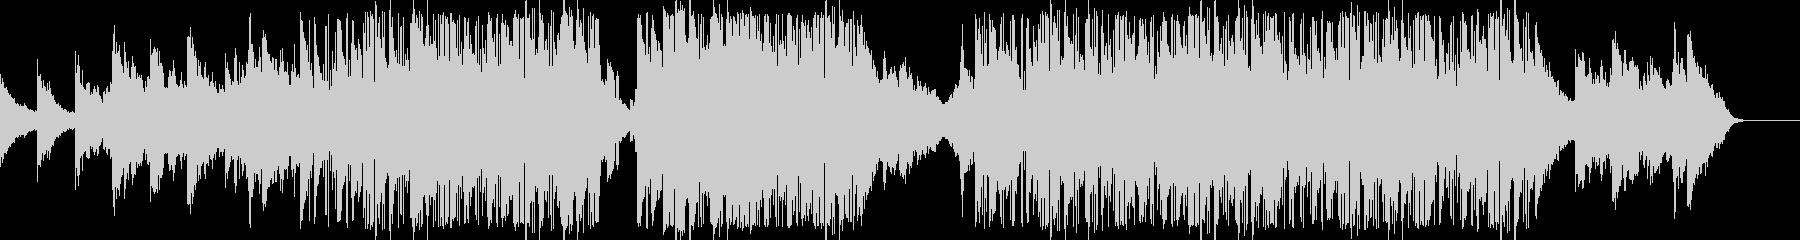 エレキギターのコードが特徴的なBGMの未再生の波形